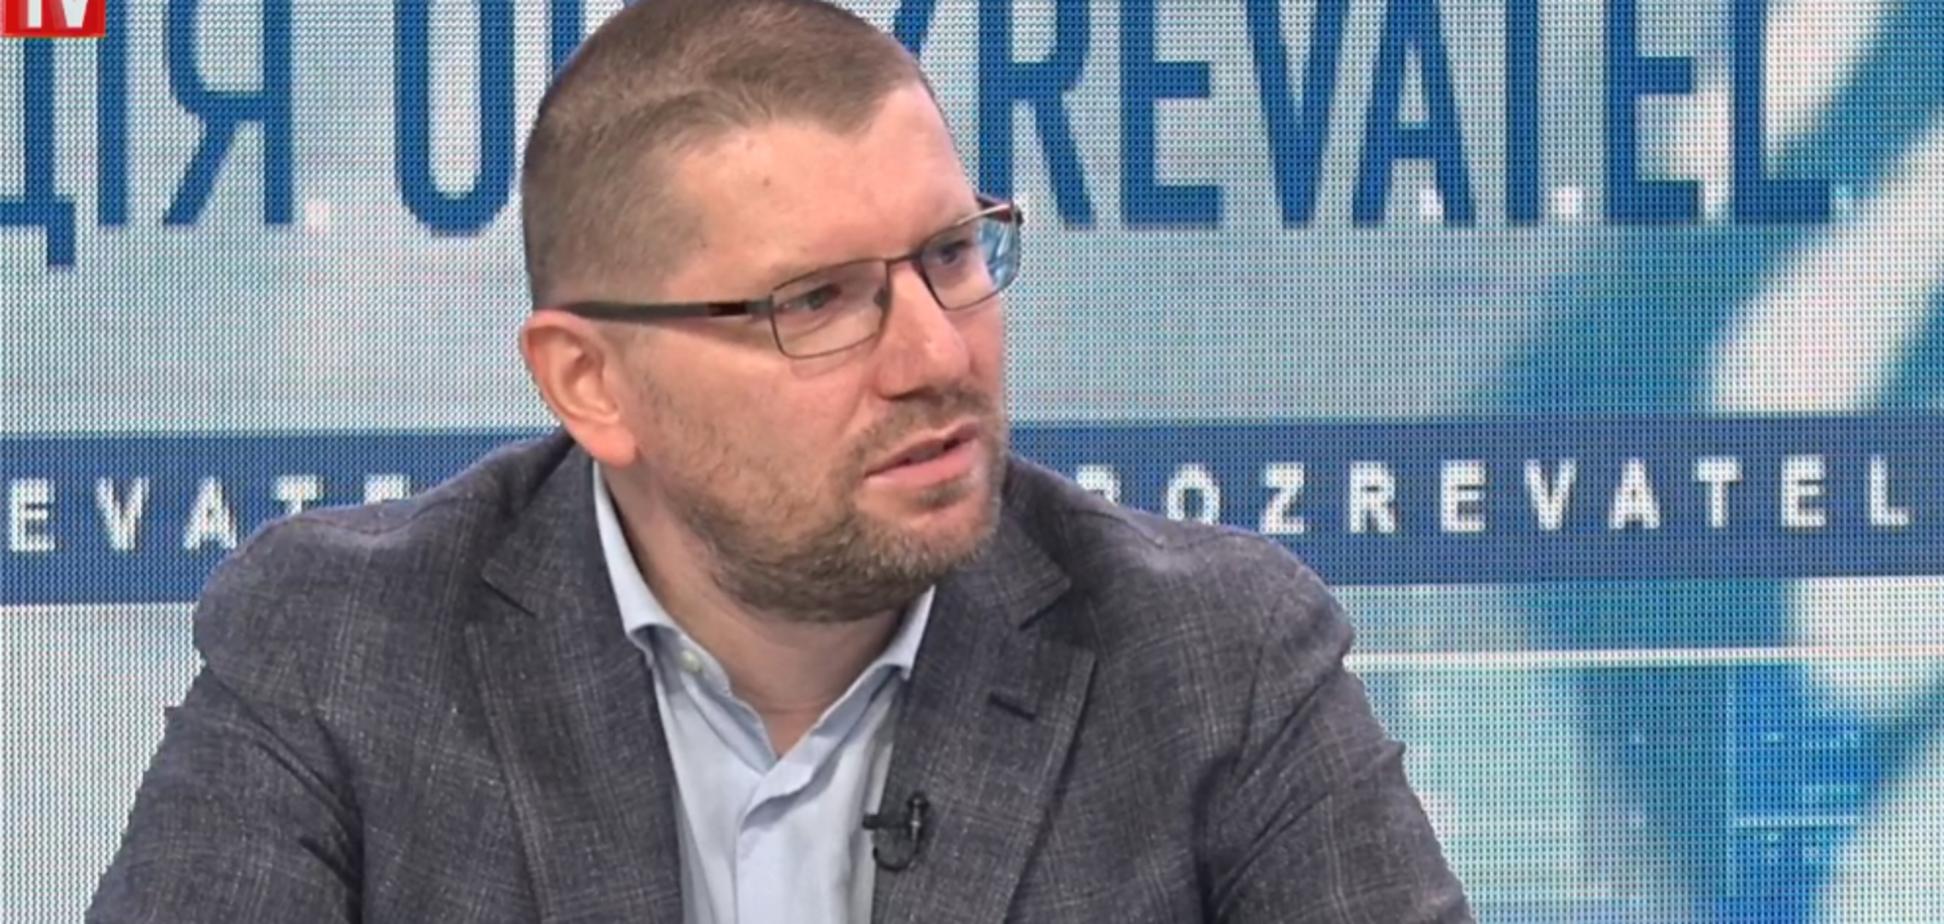 Деньги под матрацем: украинцы могут кредитовать экономику на 5 млрд. долларов ежегодно - экономист